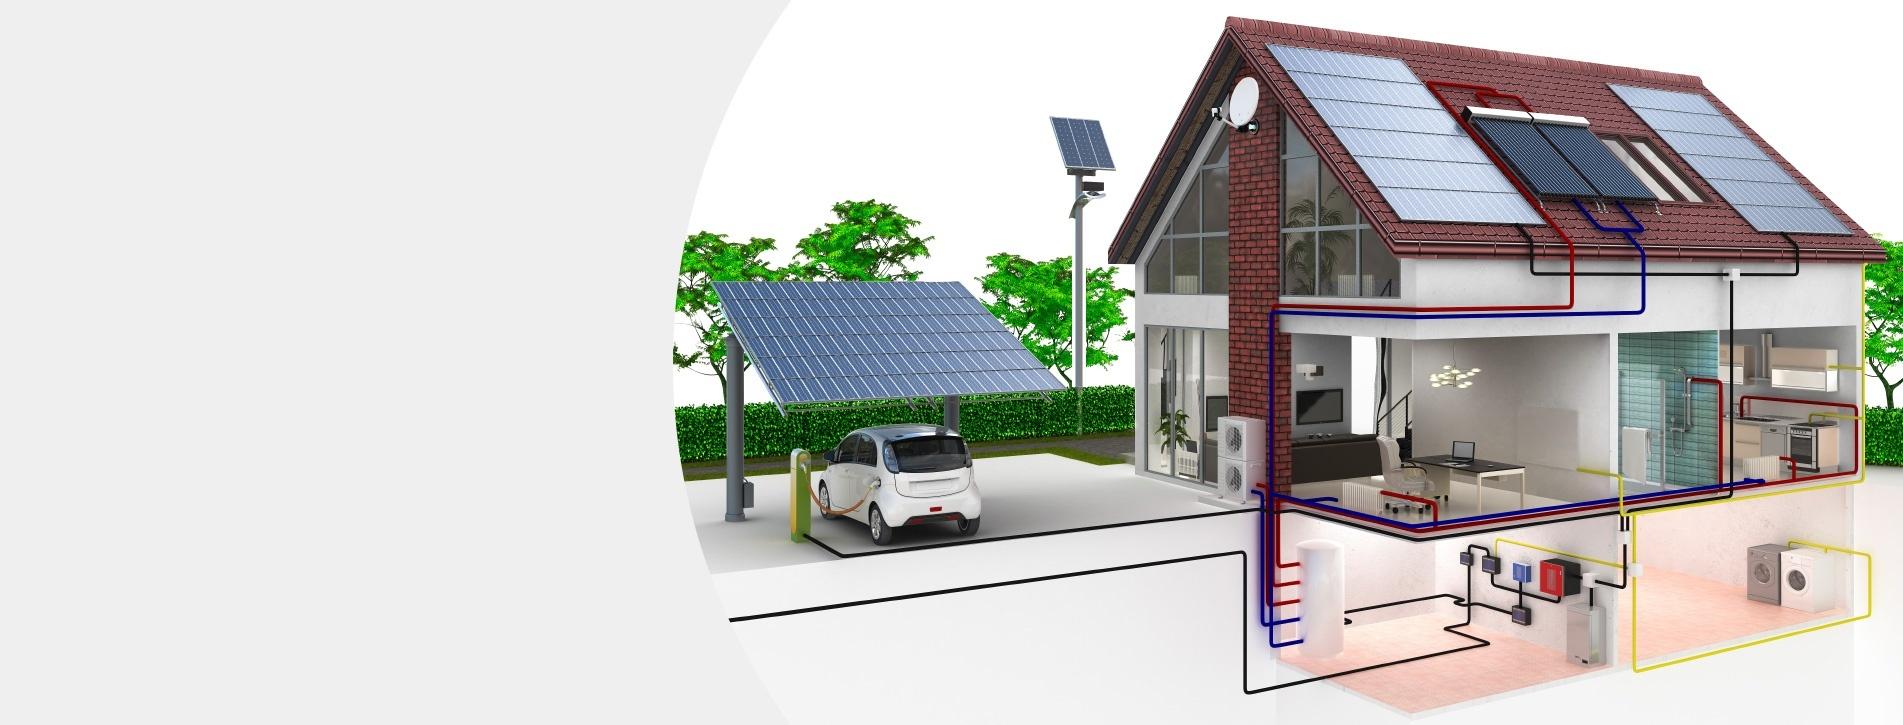 evasol_slider_photovoltaique_pompe_a_chaleur_isolation_micro_onduleur_chauffe_eau